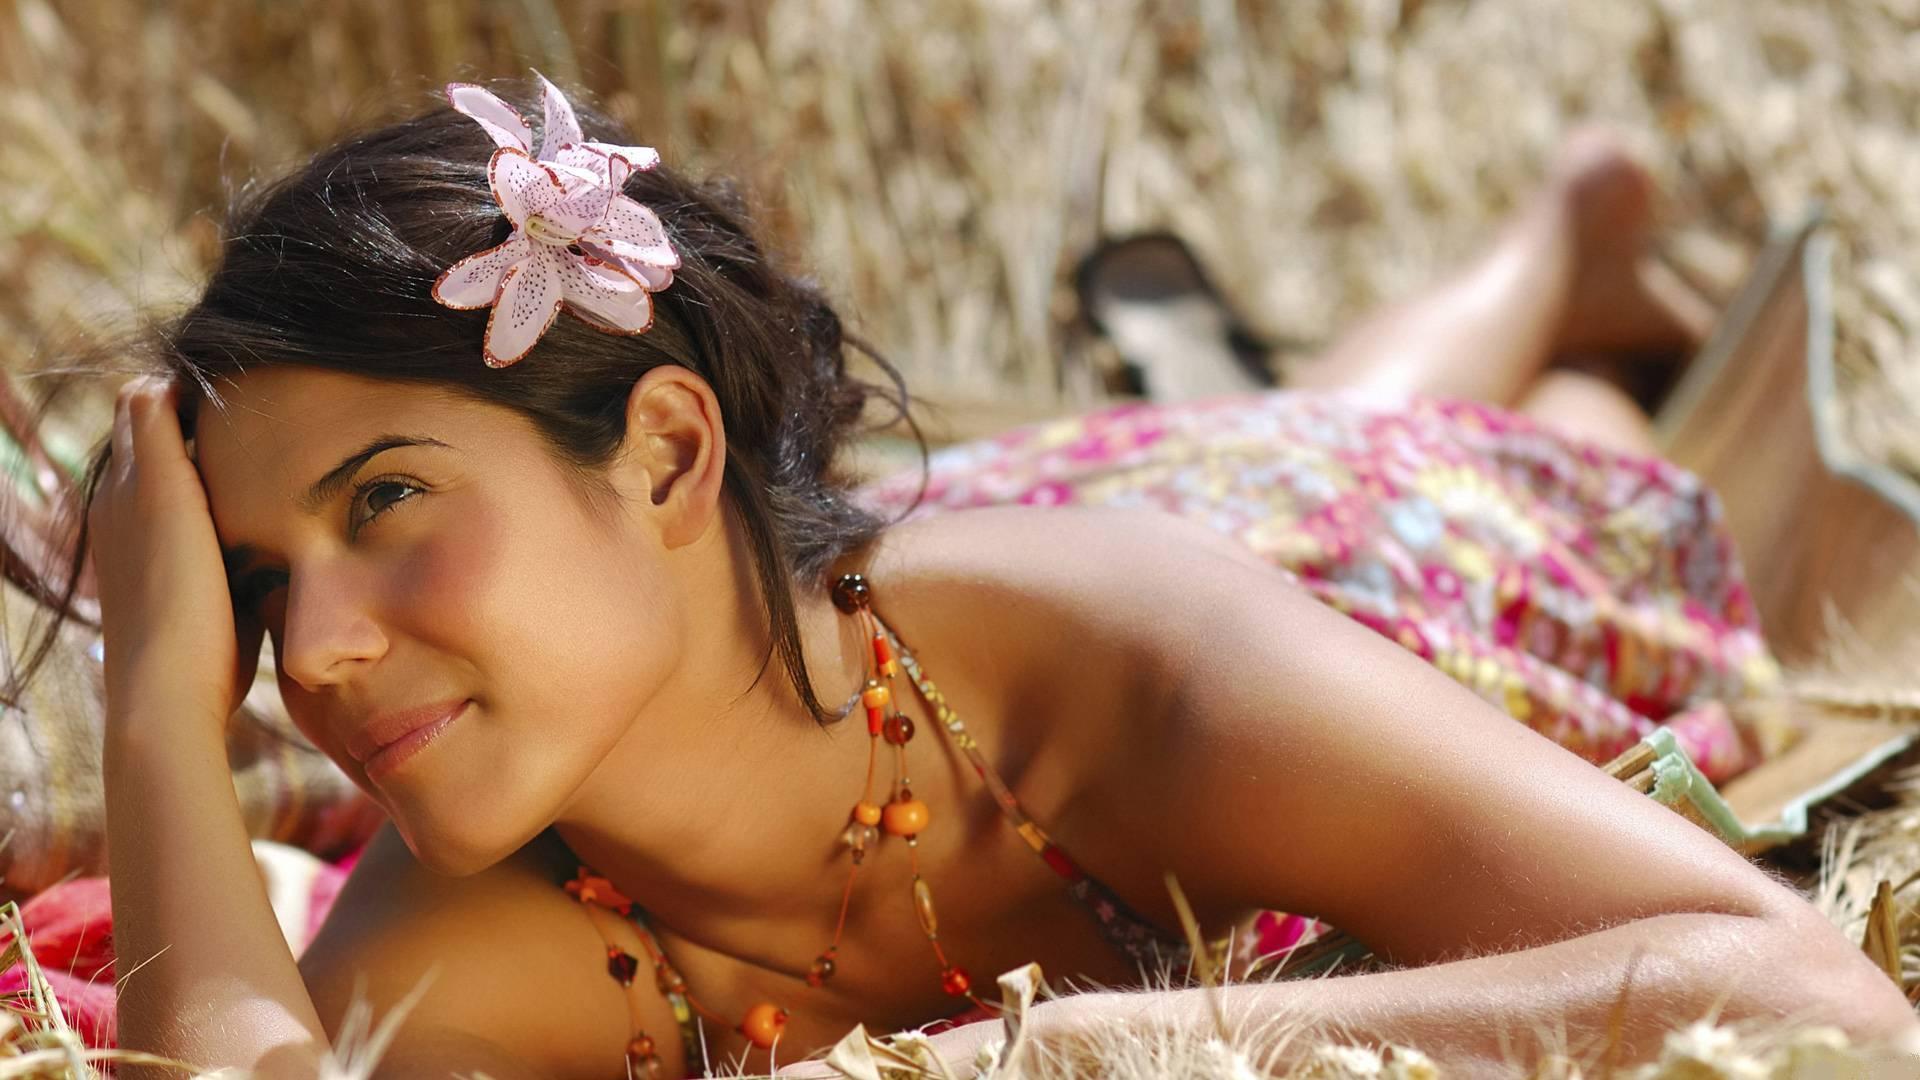 девушка улыбка цветы на телефон